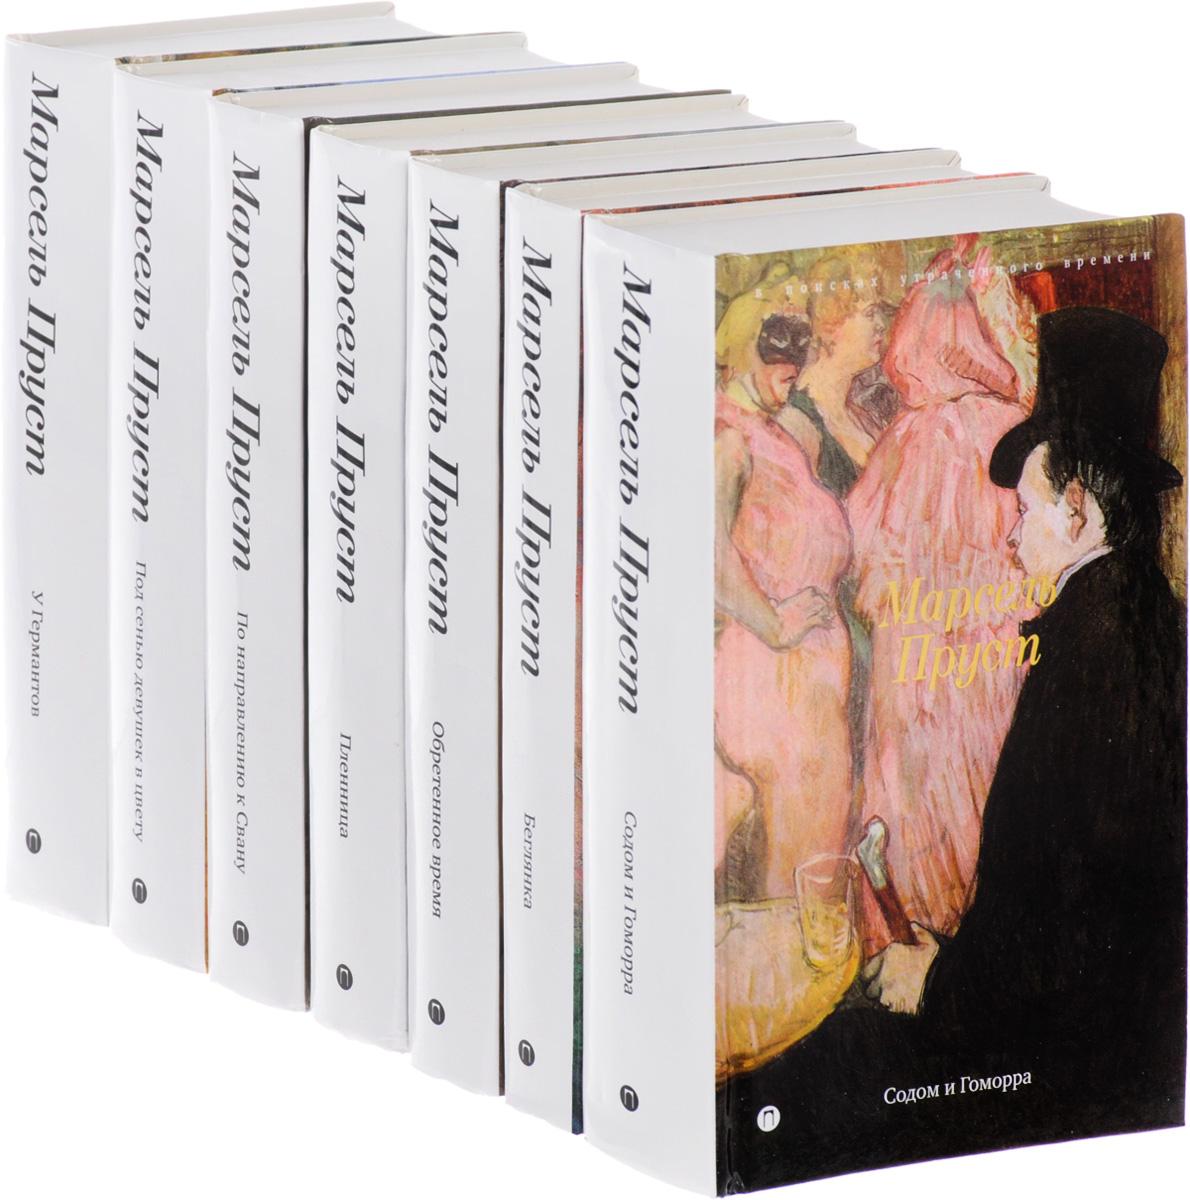 Марсель Пруст Марсель Пруст. В поисках утраченного времени. В 7 томах (комплект) валерий афанасьев комплект из 7 книг